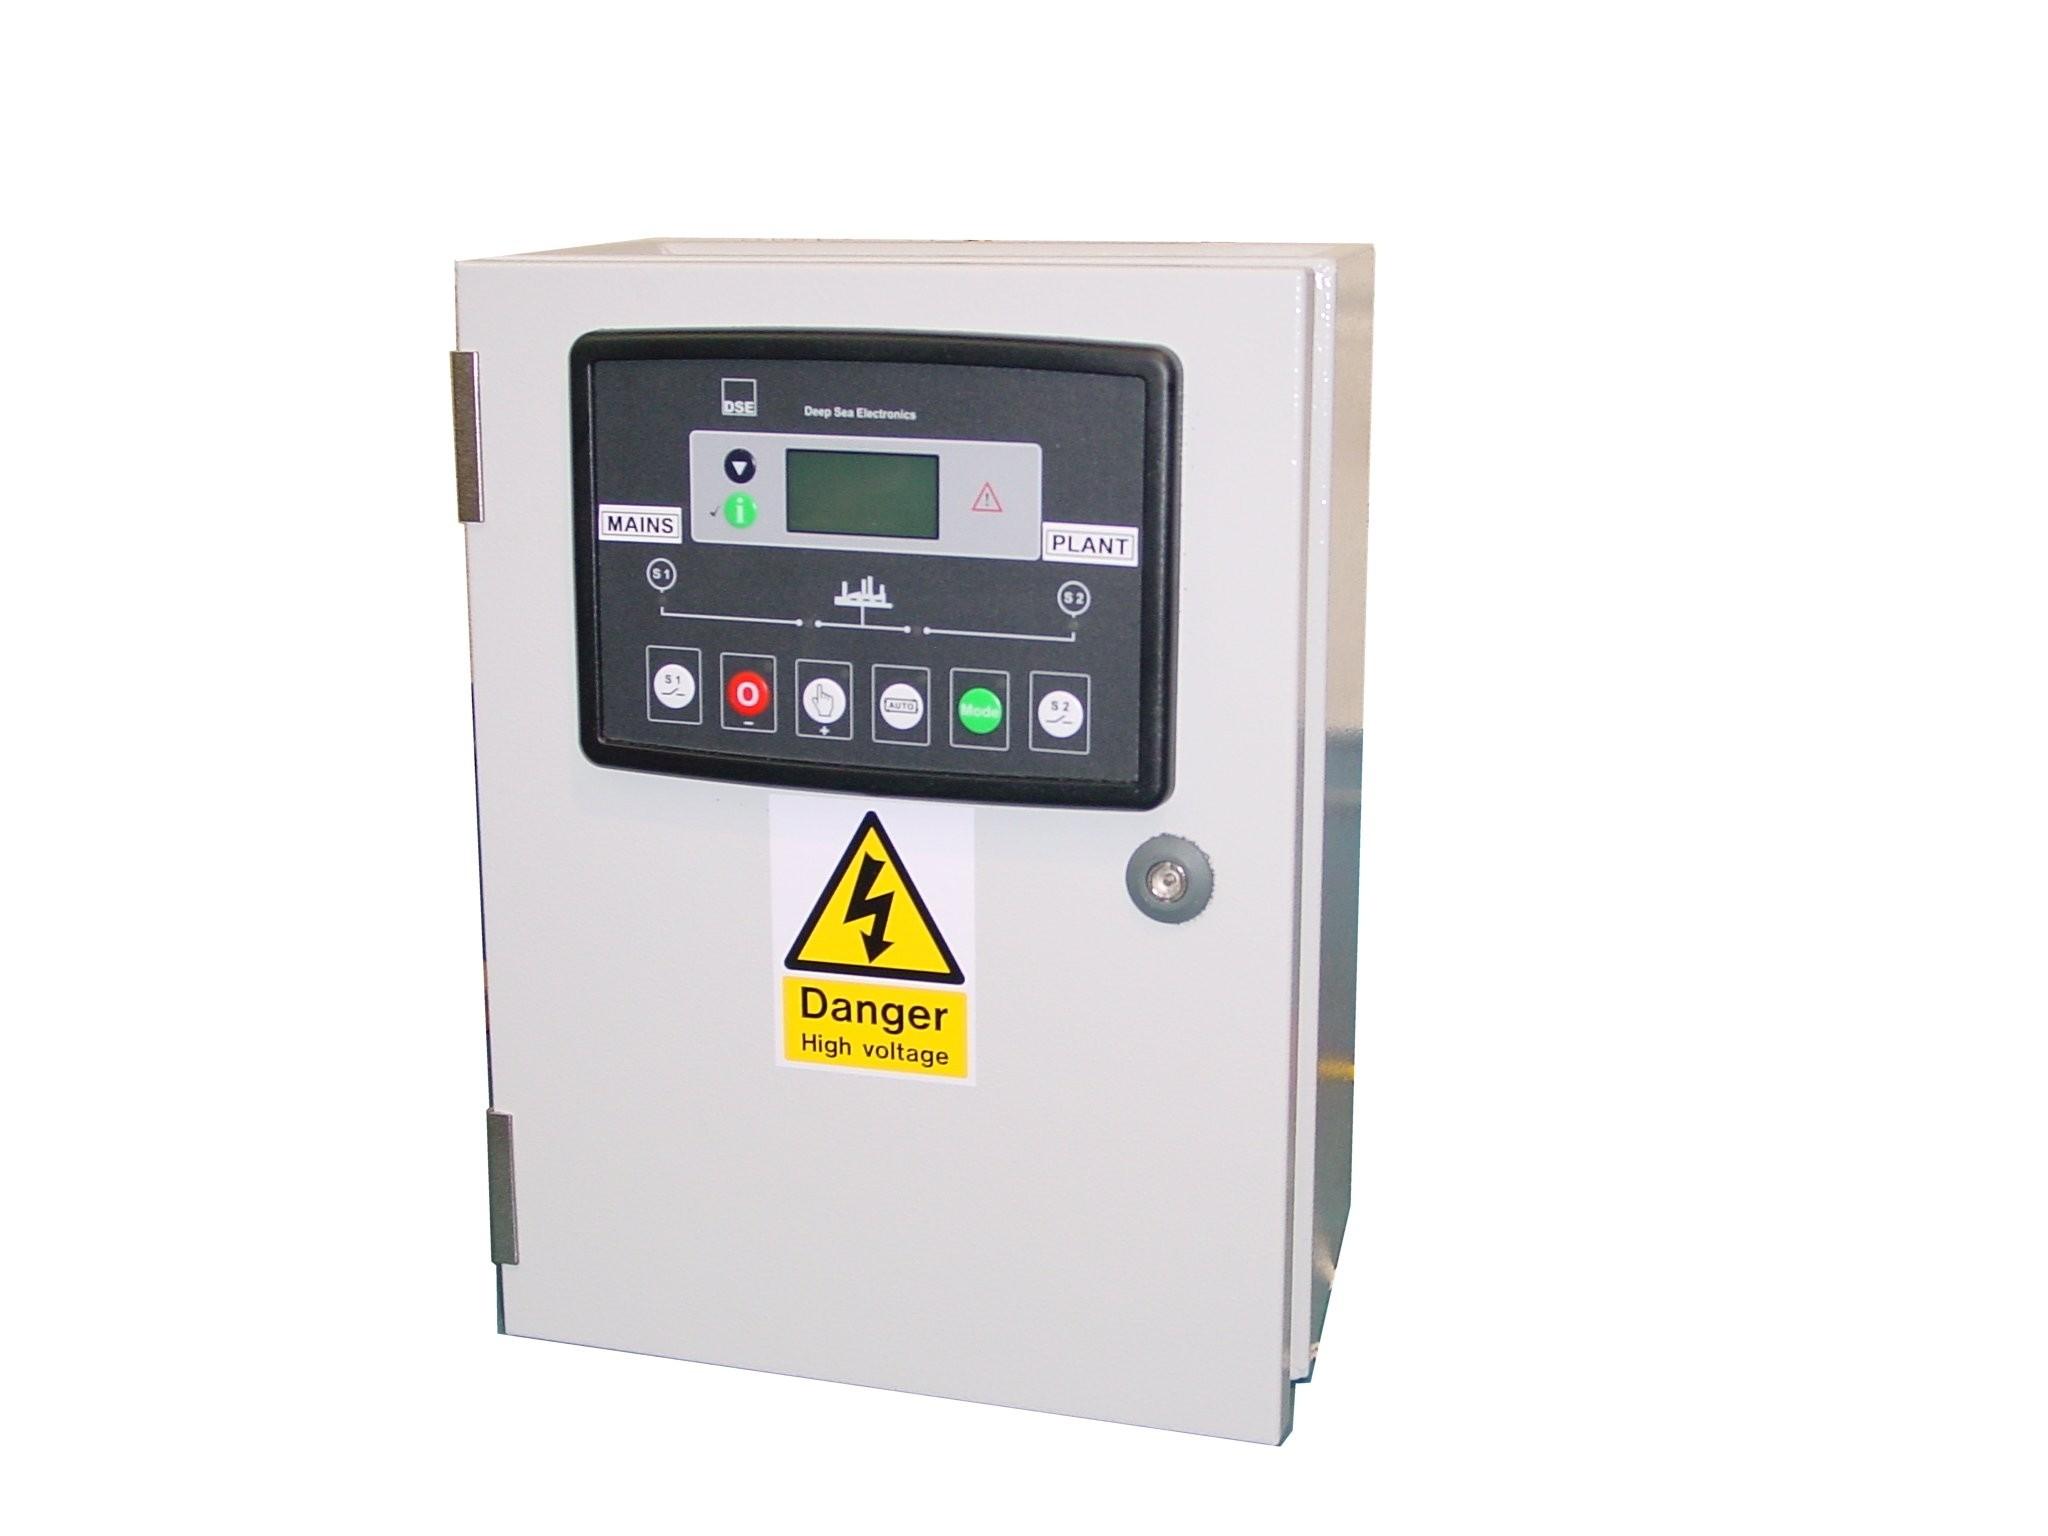 45A ATS 3 Phase 400V, DSE334, ABB Contactors